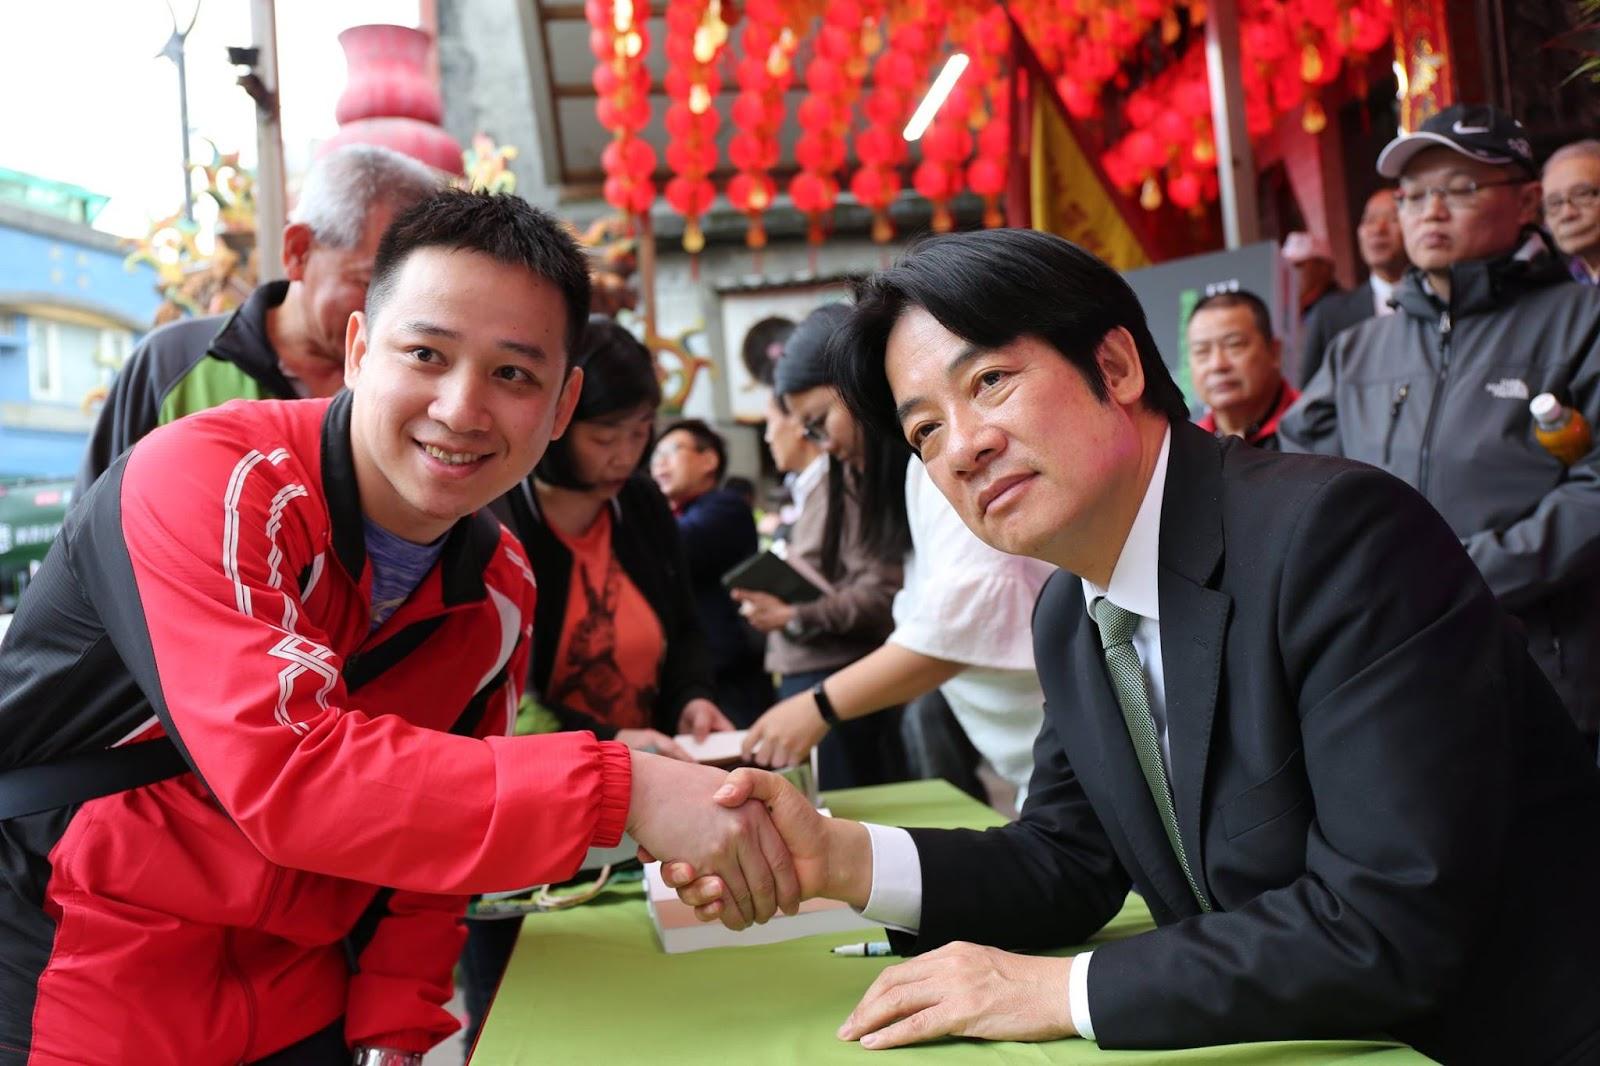 曾担任蔡英文政府行政院长的赖清德(右)正在挑战蔡英文。 //图片来源: 赖清德官方脸页